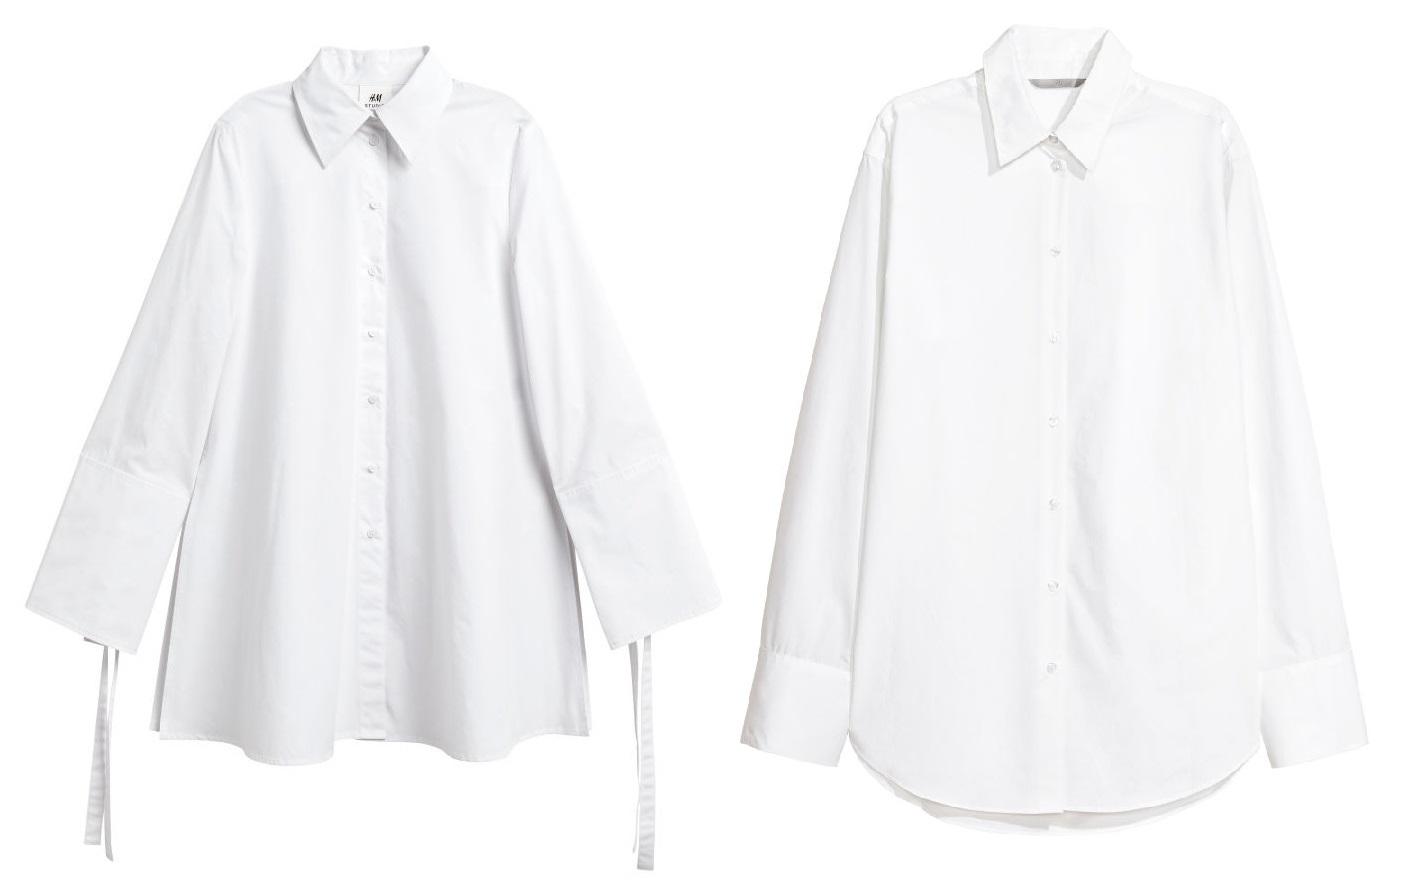 vit genomskinlig skjorta